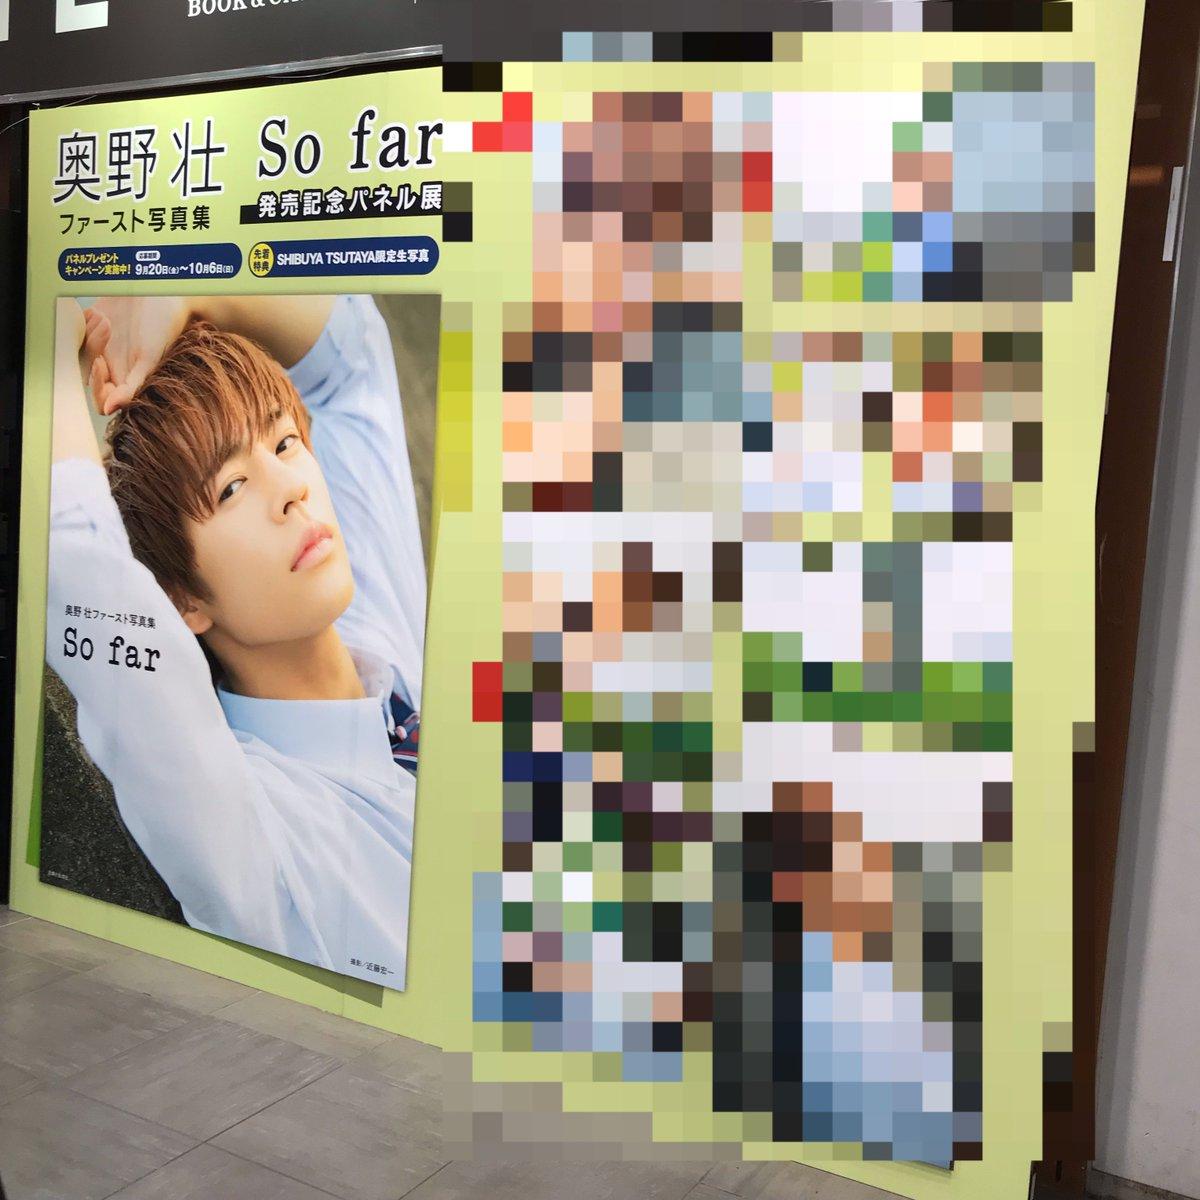 『奥野 壮ファースト写真集 So far』が9月20日に発売することを記念して、本日からSHIBUYA TSUTAYAさんにて、パネル展を開催中です♡ JUNONもさっそく見に行ってまいりました! 大きくて感動です☺️ みなさんもお時間ありましたらぜひご来場ください♡